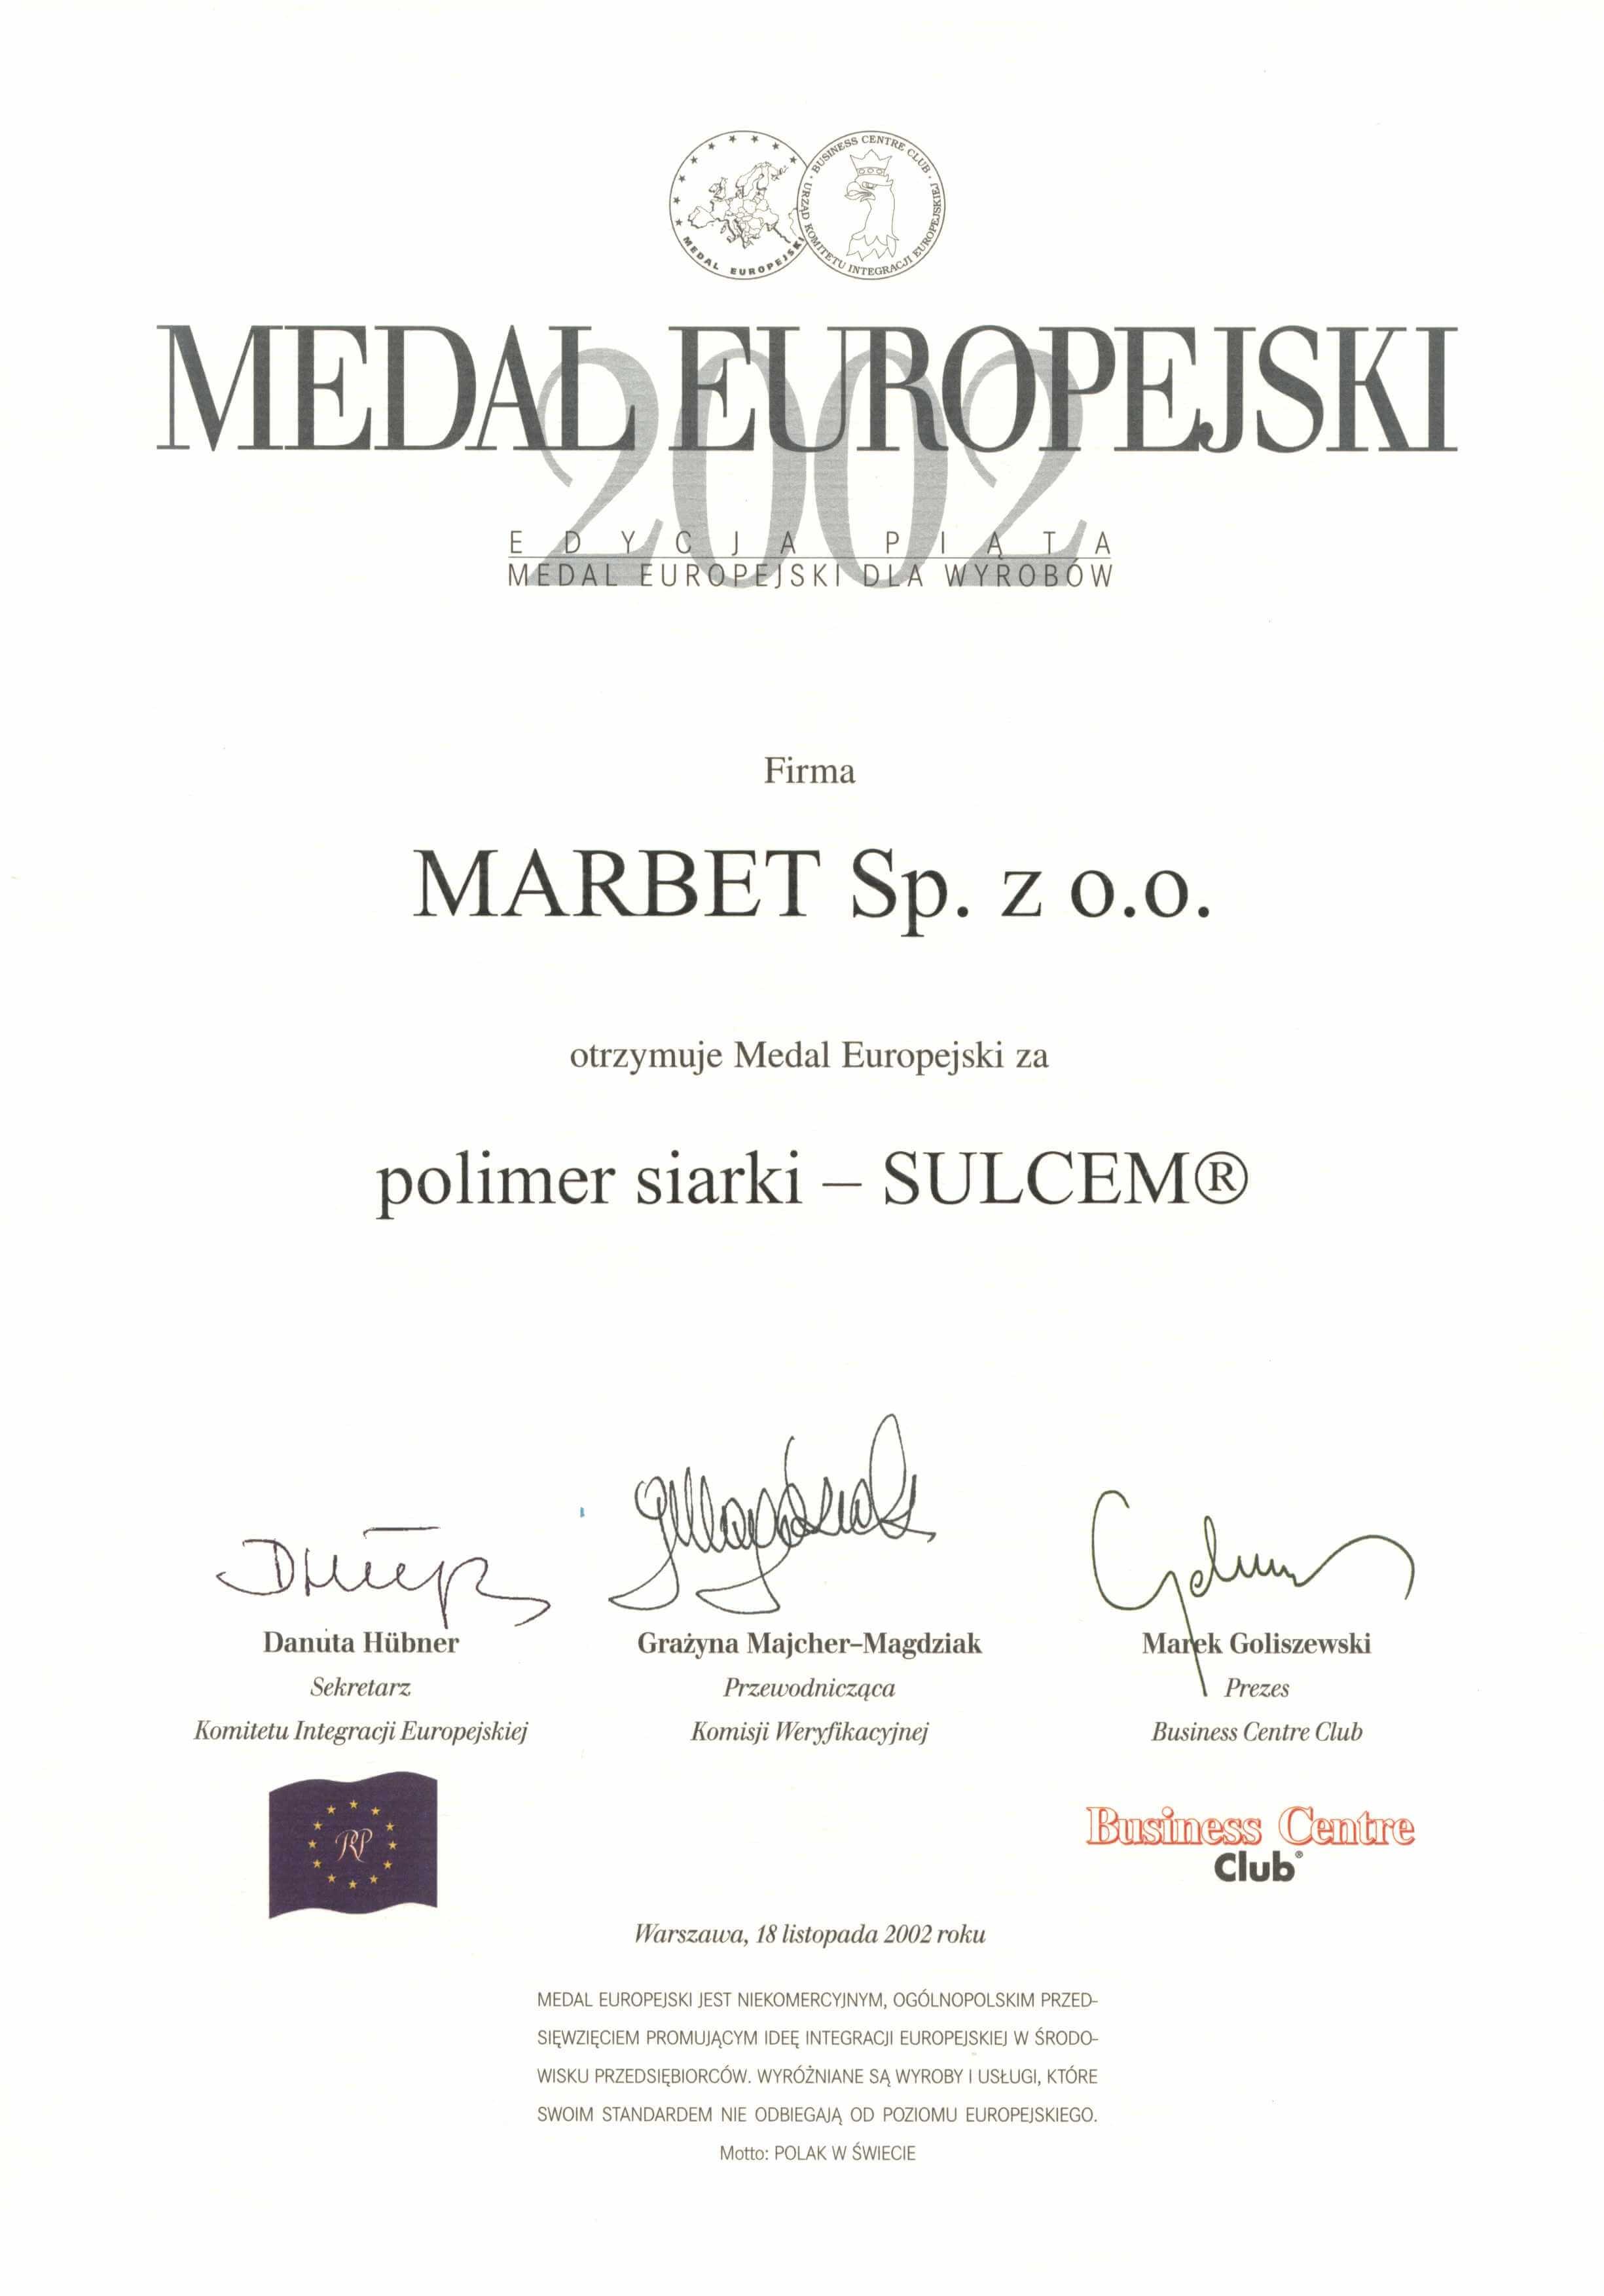 Medal Europejski 2002 - polimer siarki Sulcem - j.pol